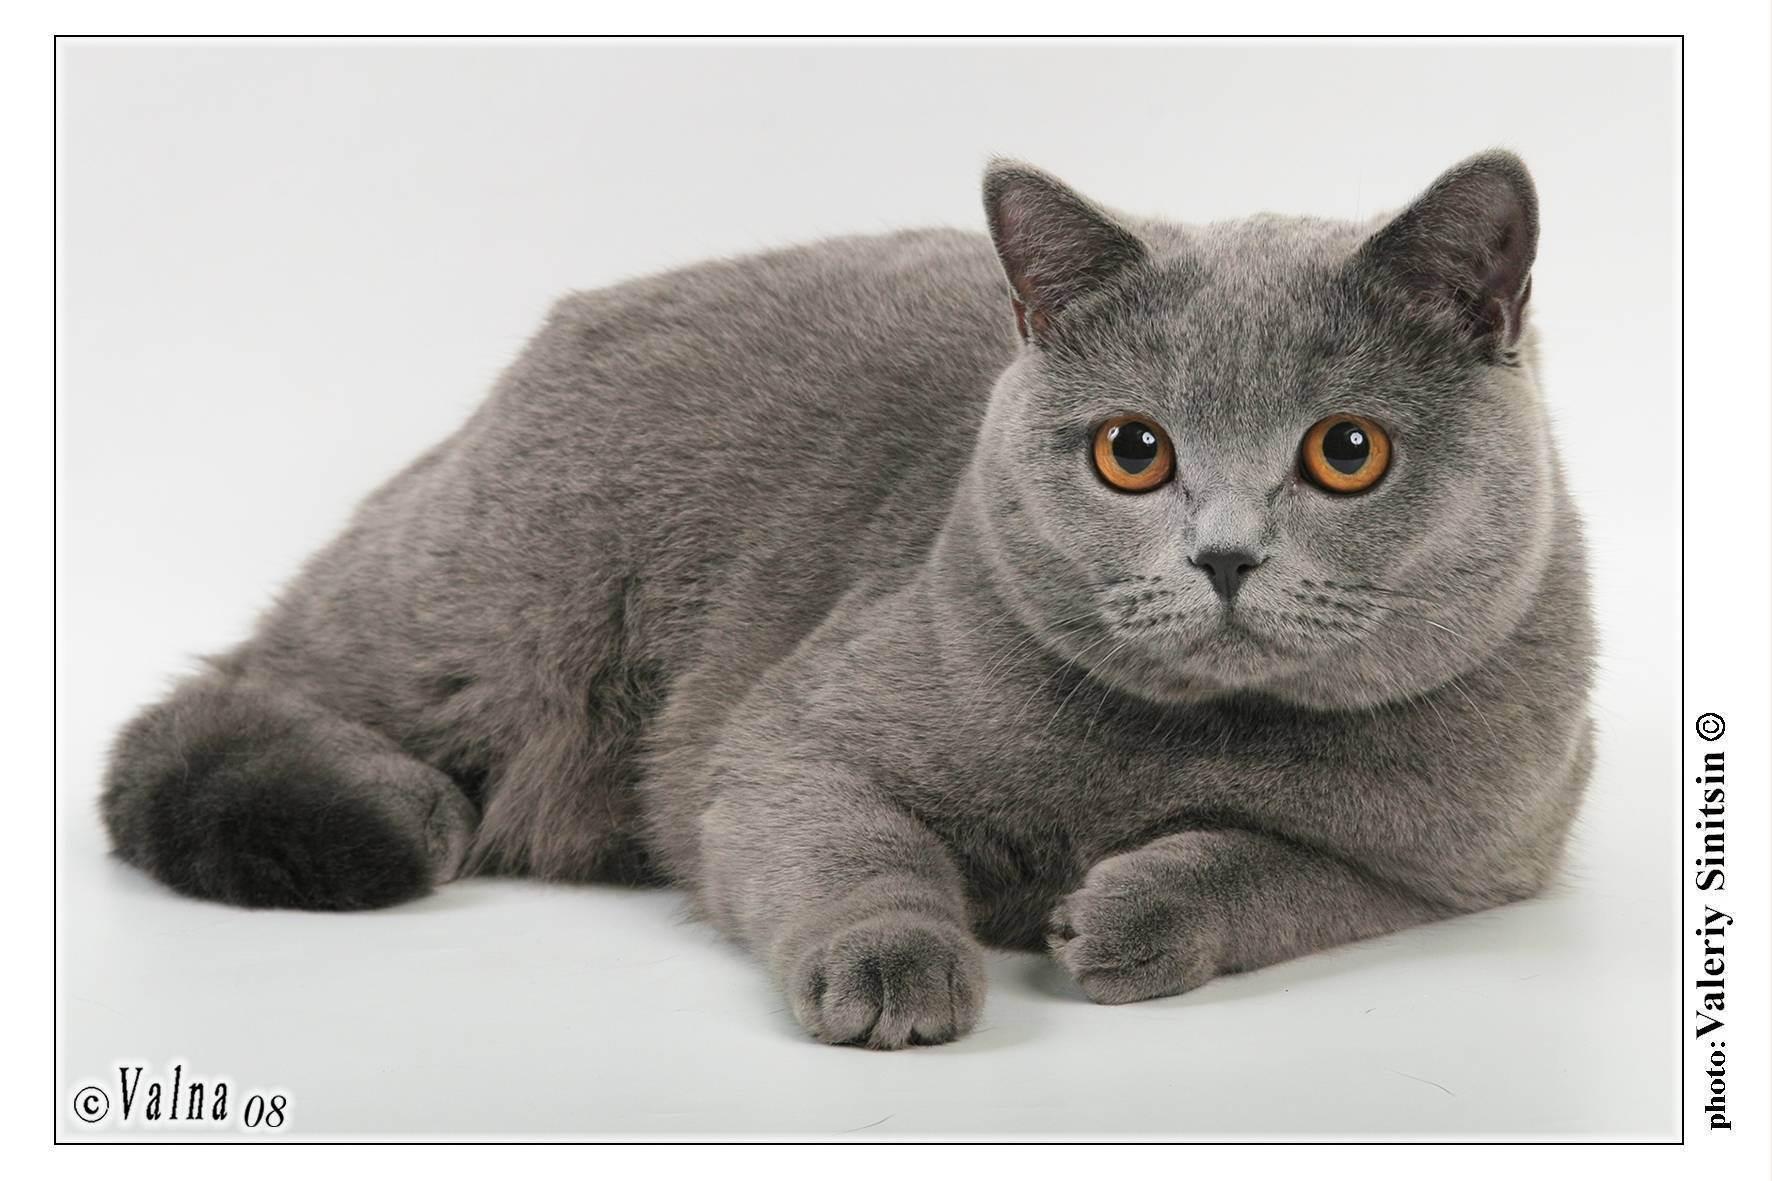 Британская шиншилла (71 фото): описание шиншилловых британцев, характер кошек и котов. варианты окраса котят породы британская шиншилла